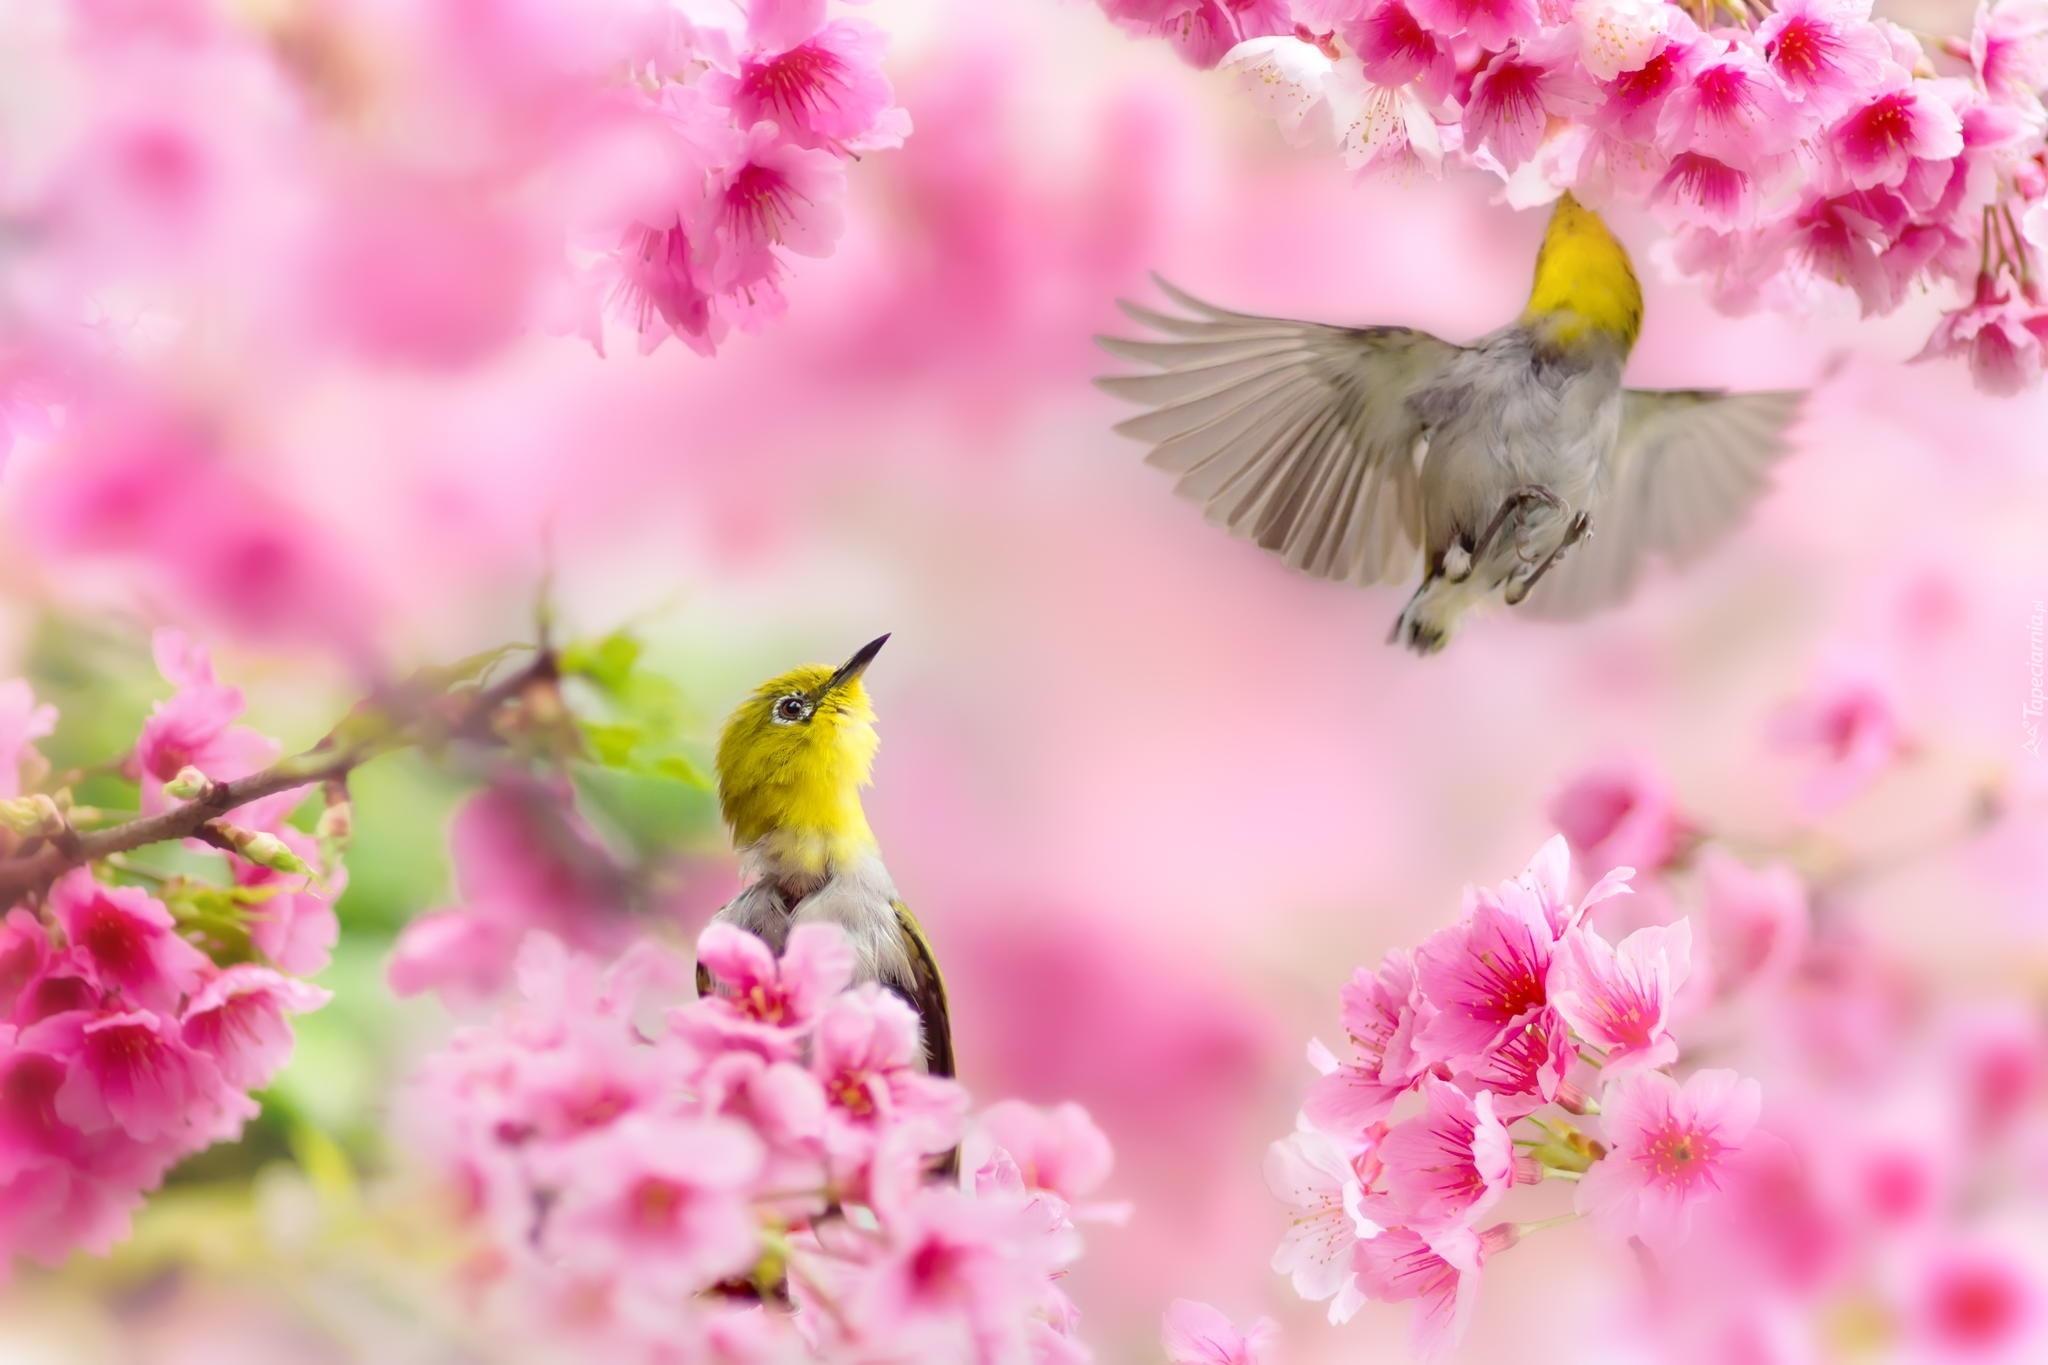 Dwa, Ptaki, Kwiaty, Wiosna